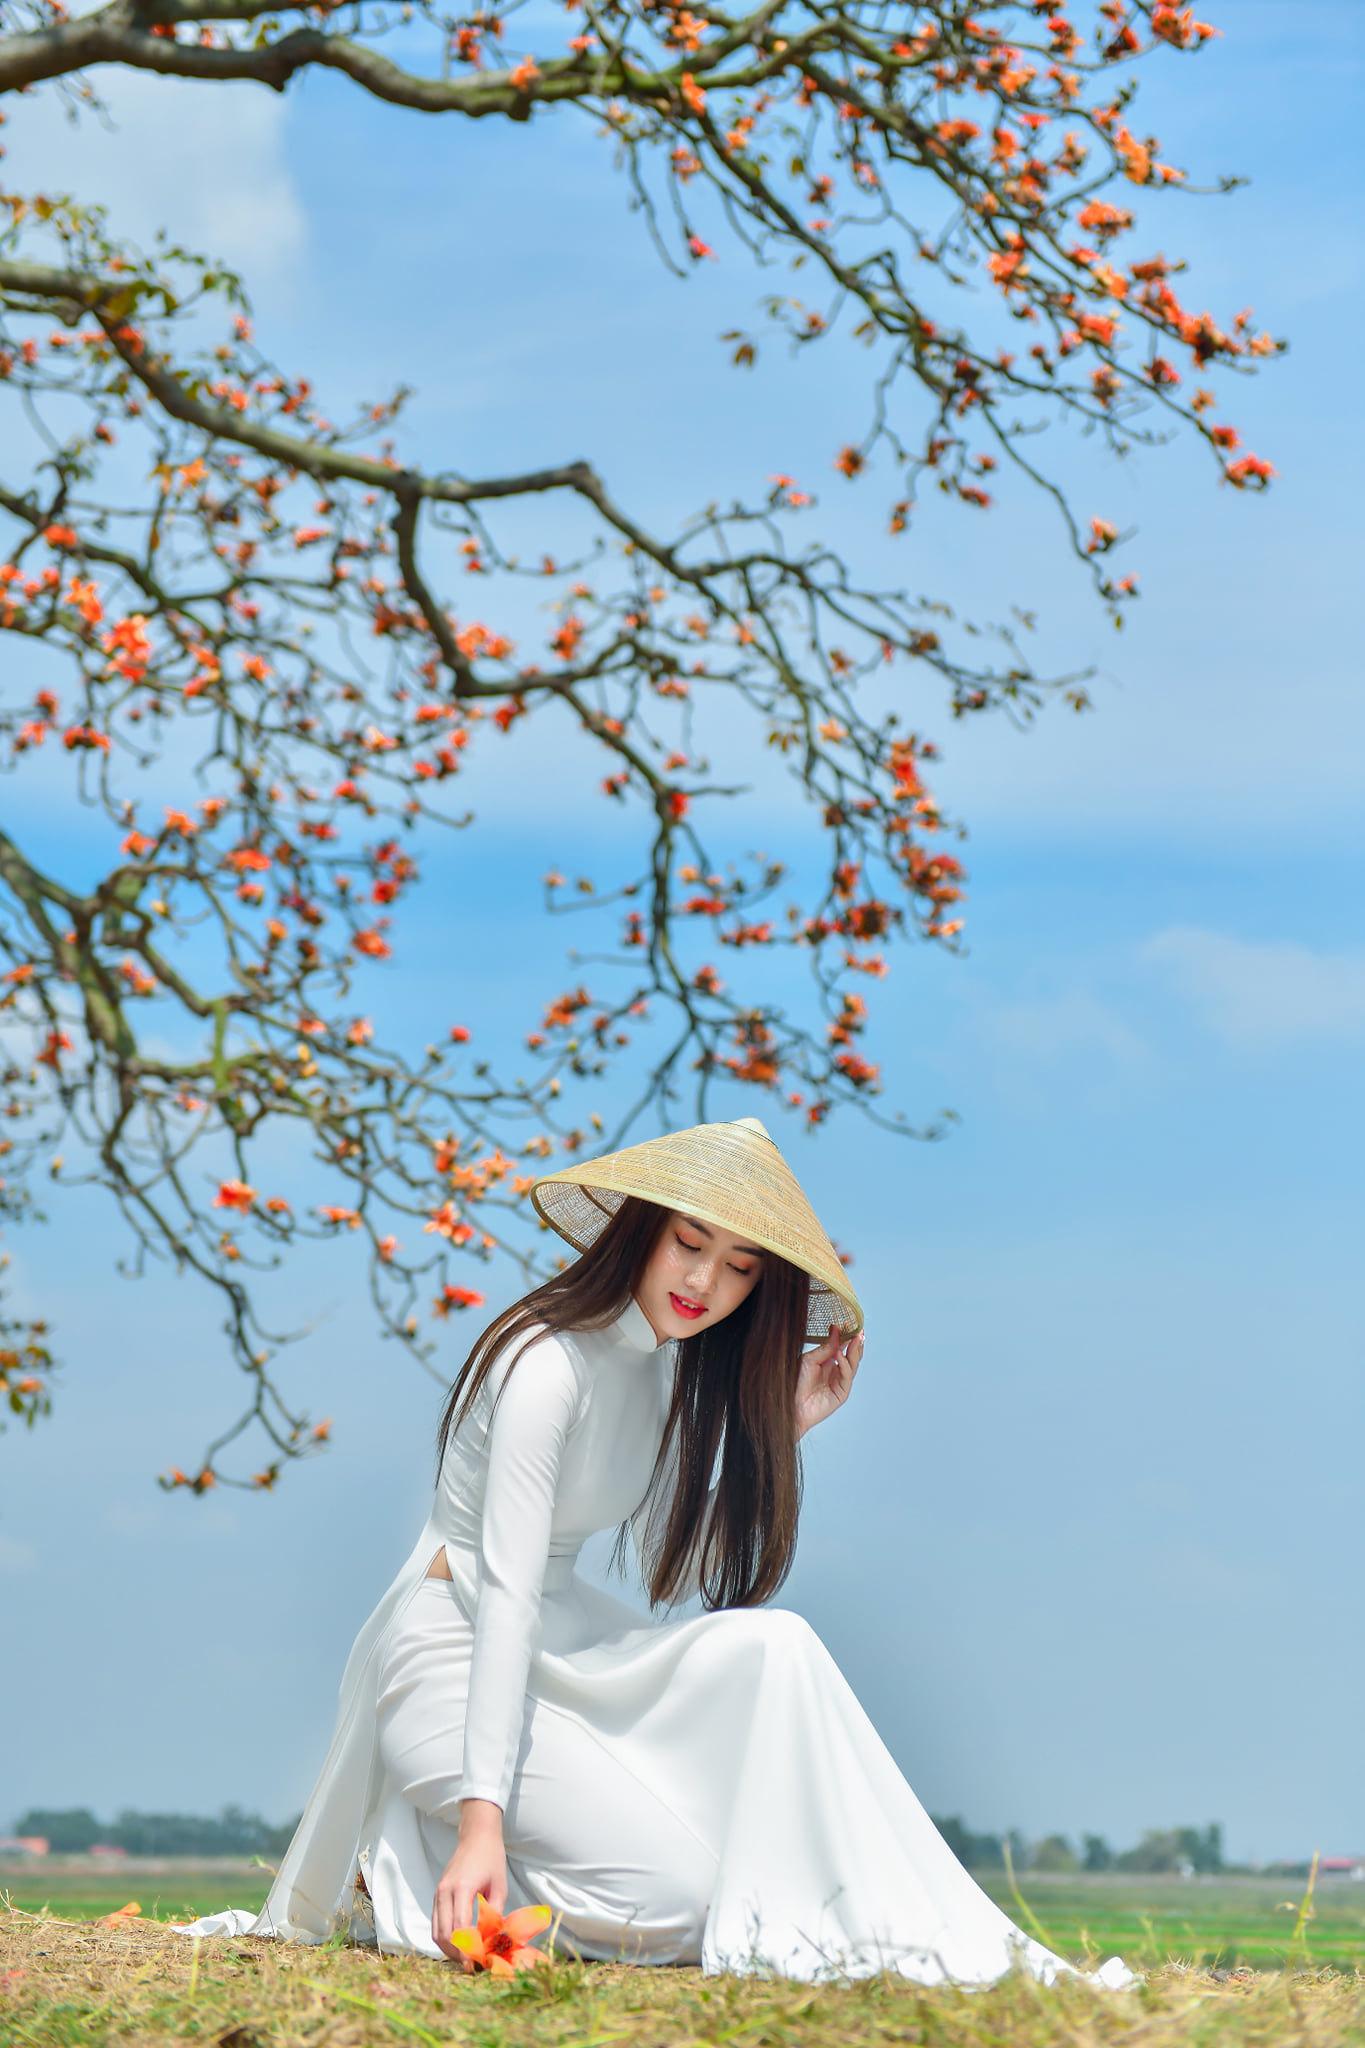 Tuyển tập girl xinh gái đẹp Việt Nam mặc áo dài đẹp mê hồn #57 - 25